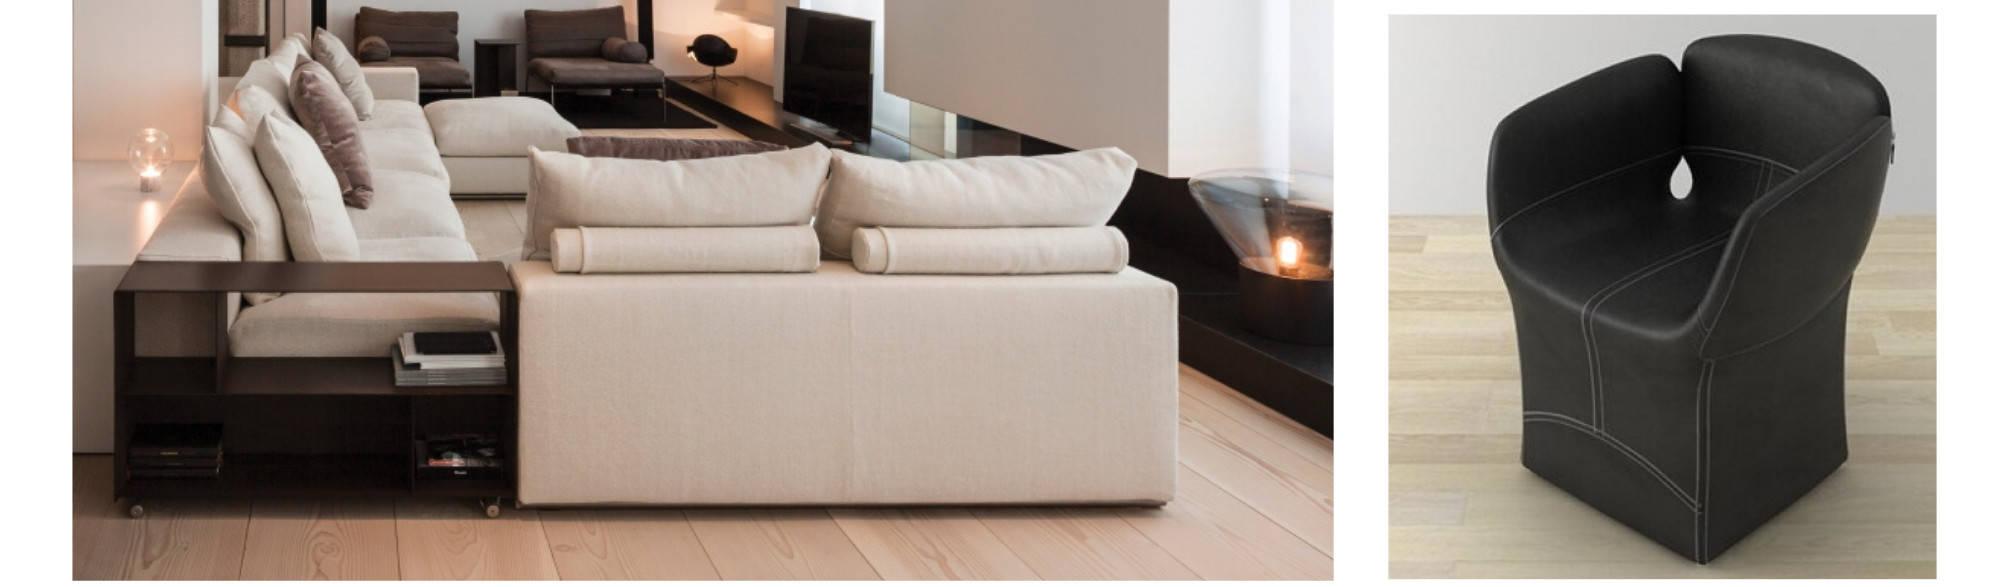 Patricia Frieman Interior Design